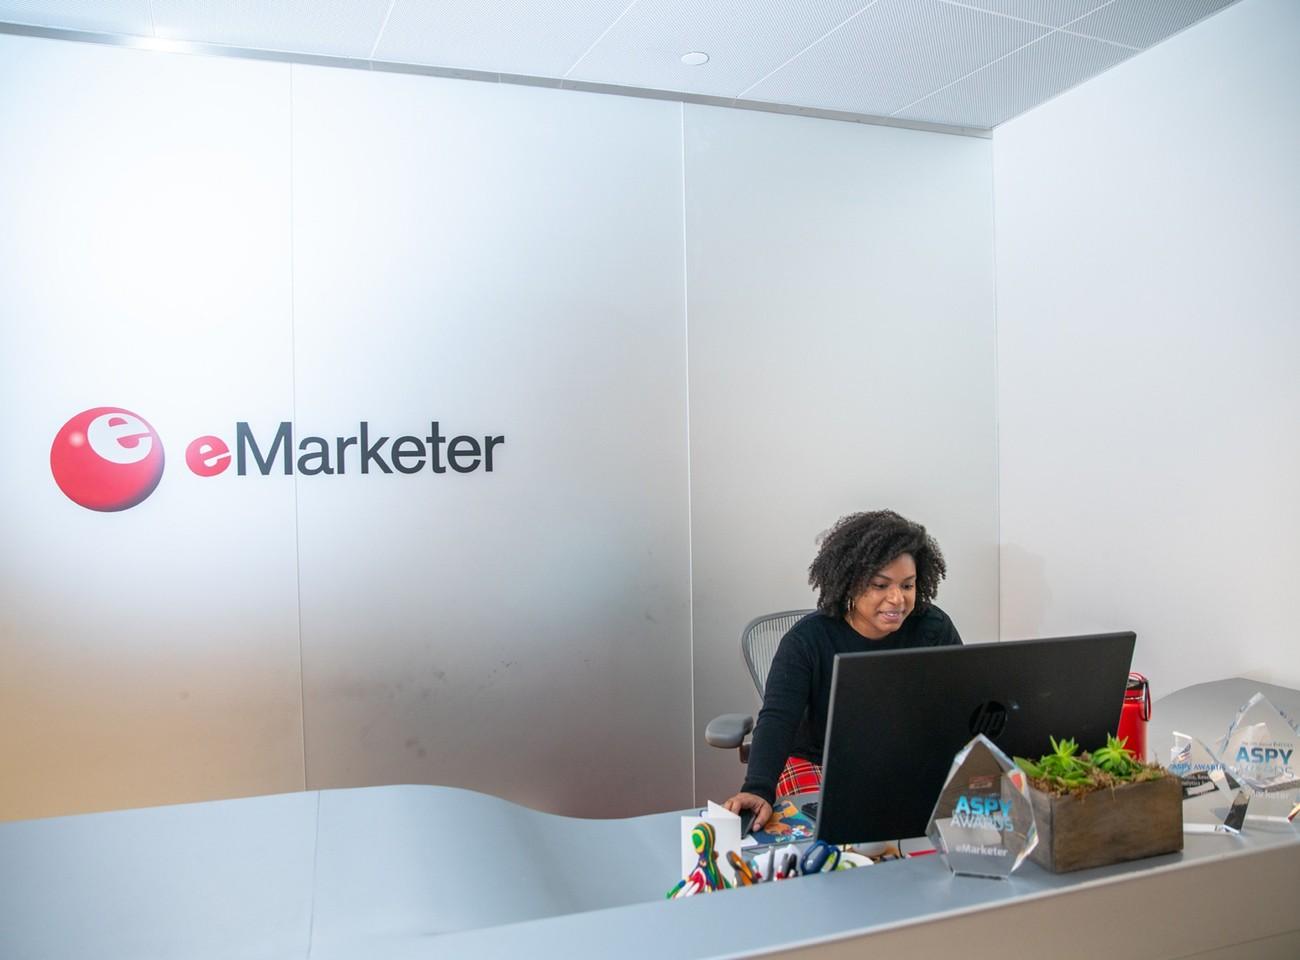 eMarketer Careers